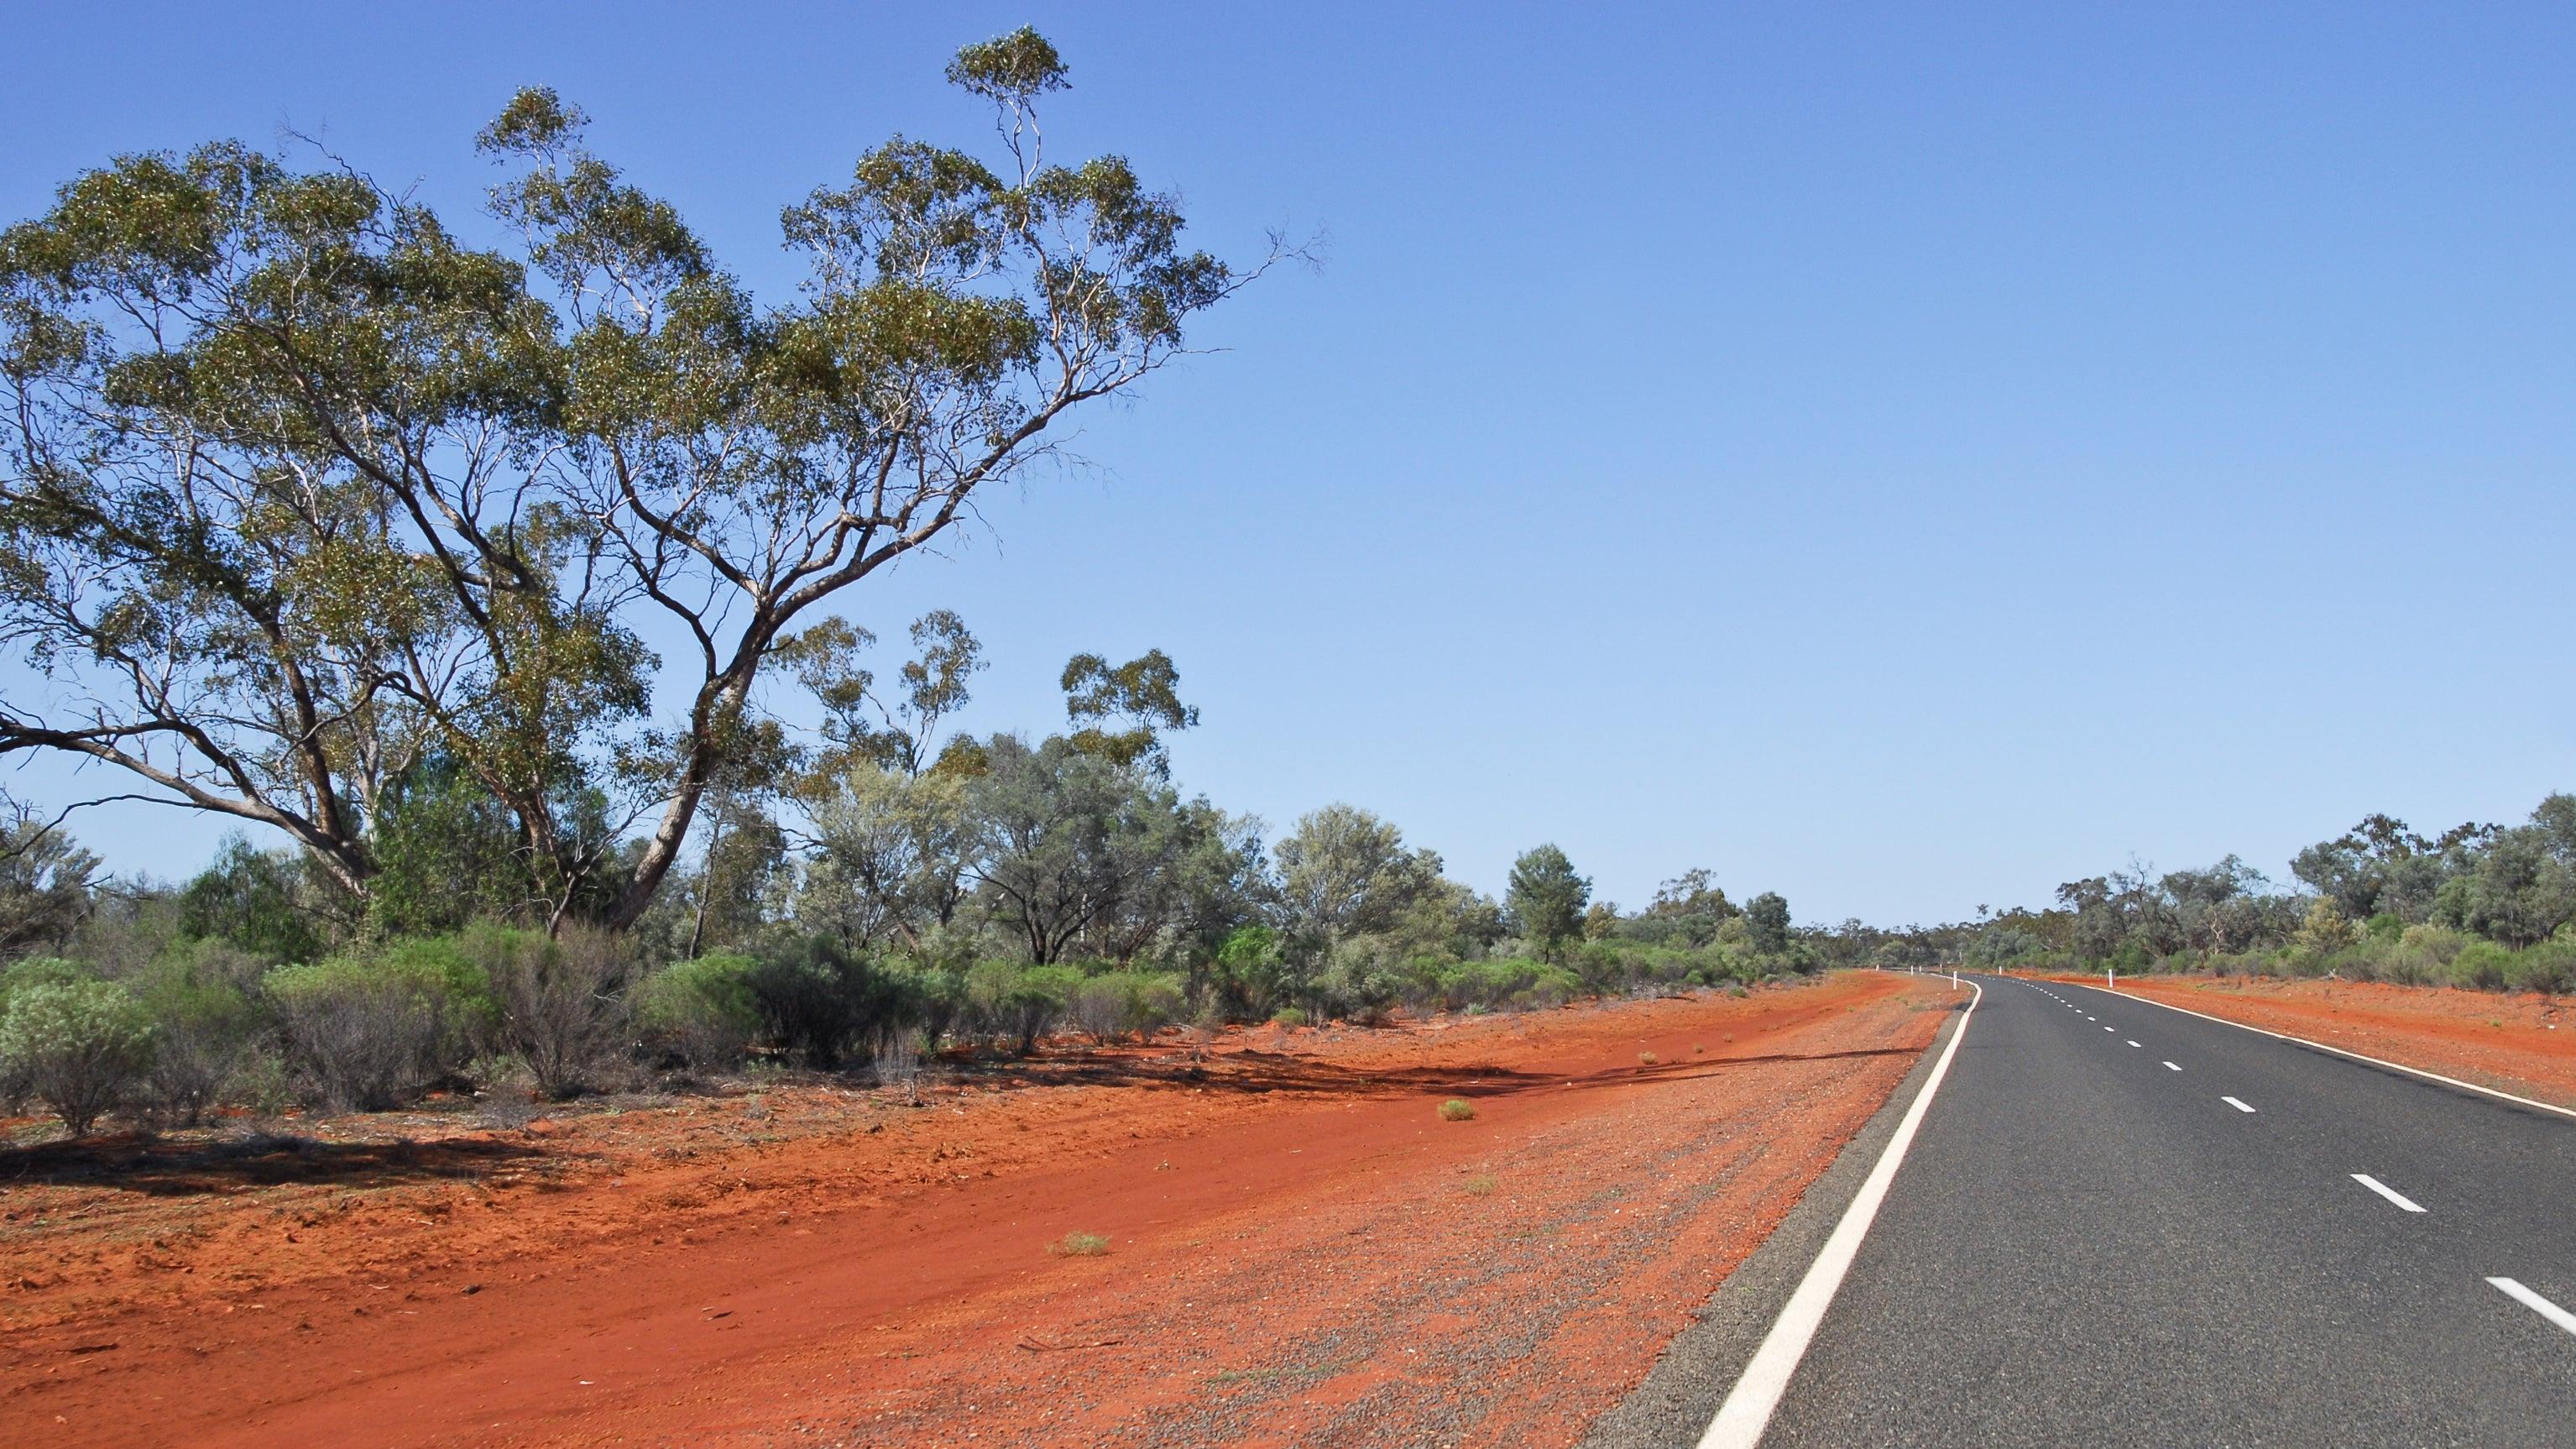 Nach Panne verdurstet? Familie tot im australischen Hinterland gefunden